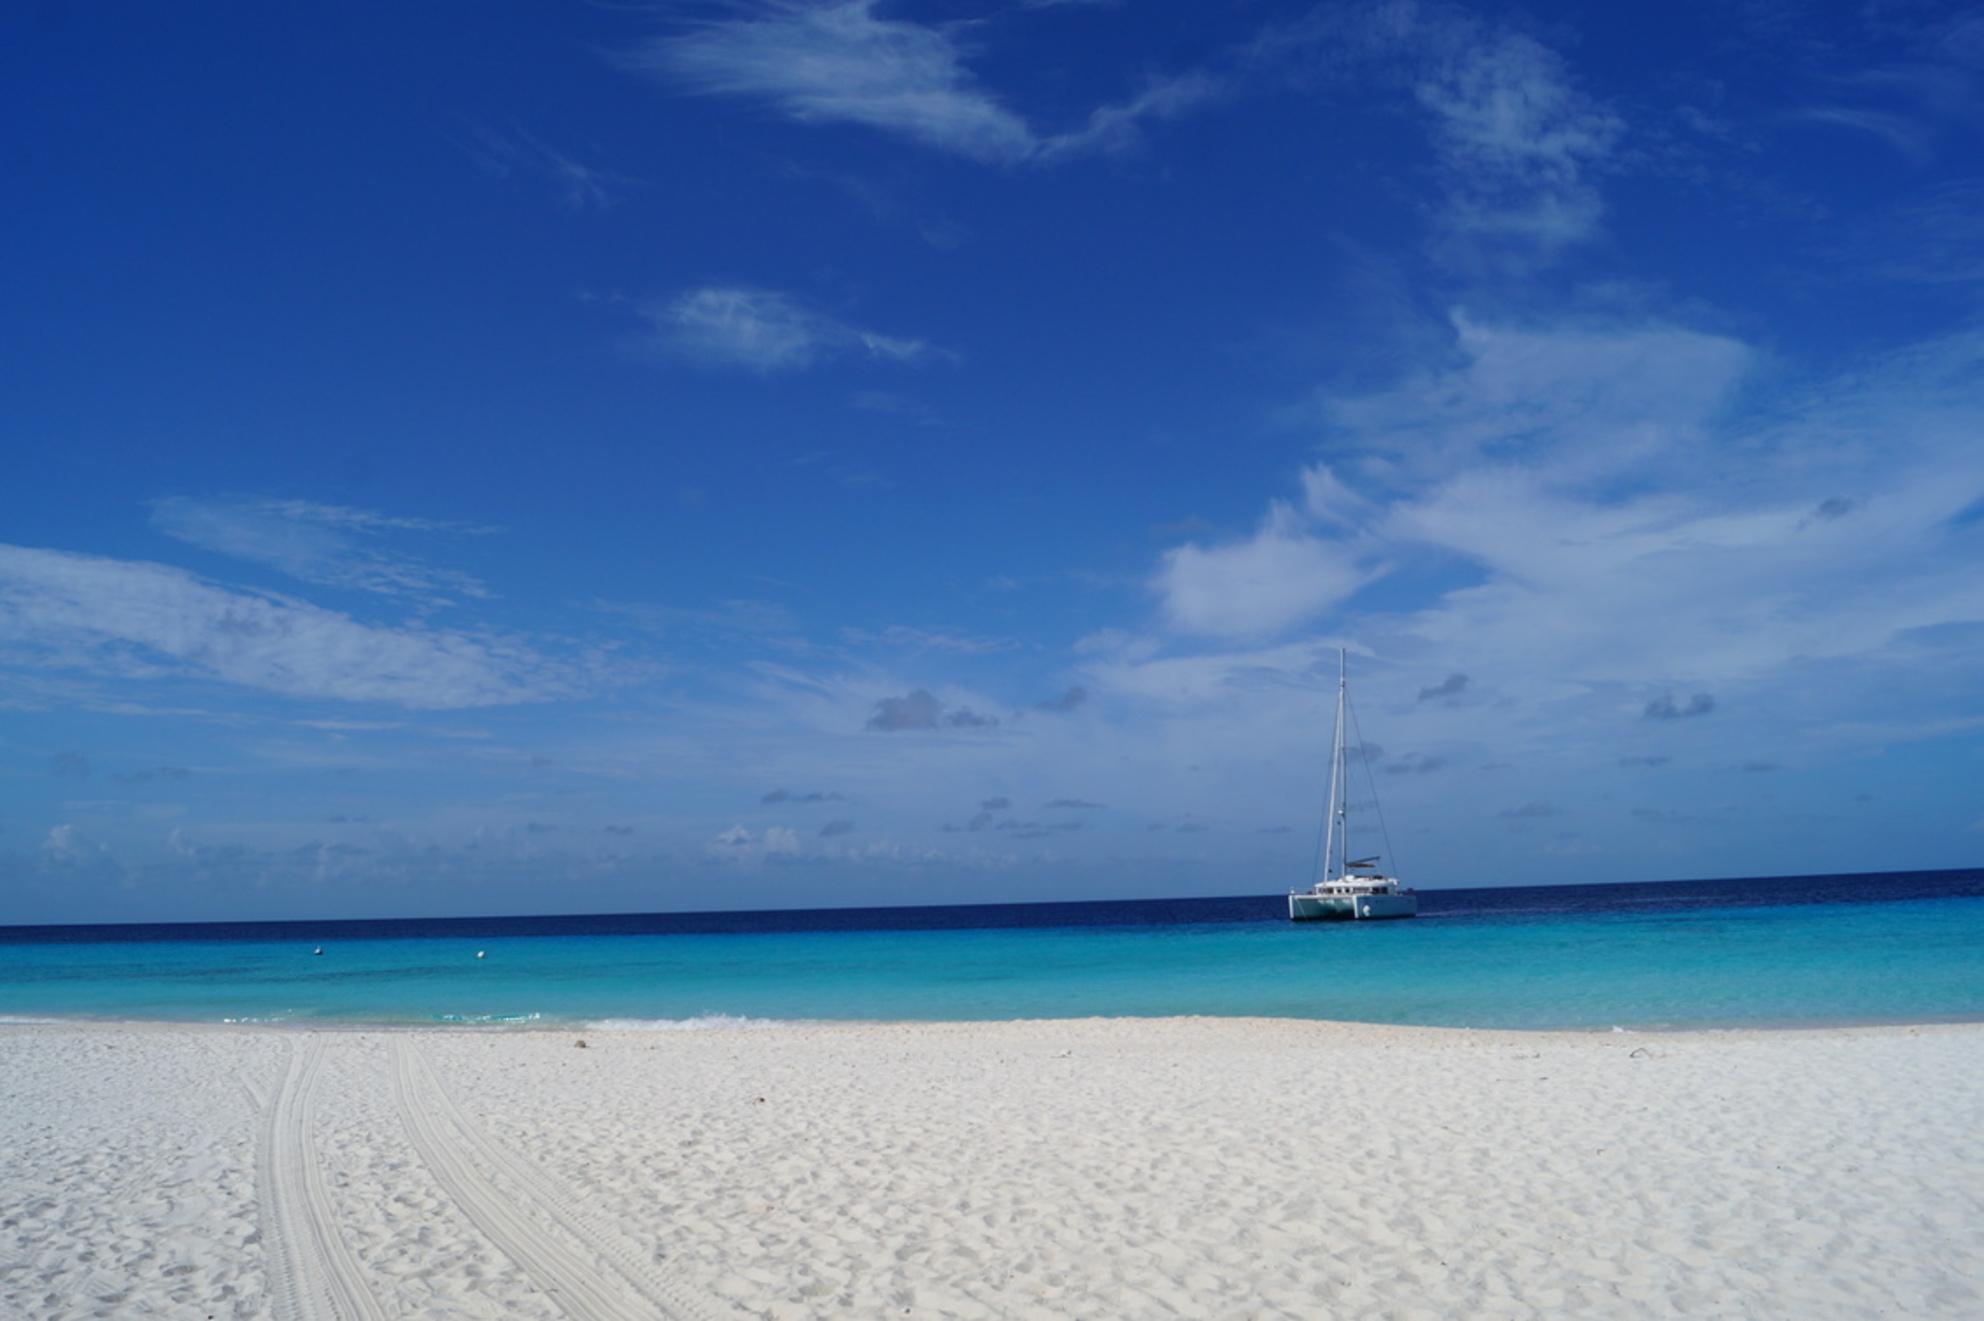 Klein Curaçao - Uitzicht vanaf het strand van Klein Curaçao, wanneer er nog niet veel toeristen zijn. - foto door SHPhotography op 18-10-2019 - deze foto bevat: zee, boot, curacao, klein curacao - Deze foto mag gebruikt worden in een Zoom.nl publicatie